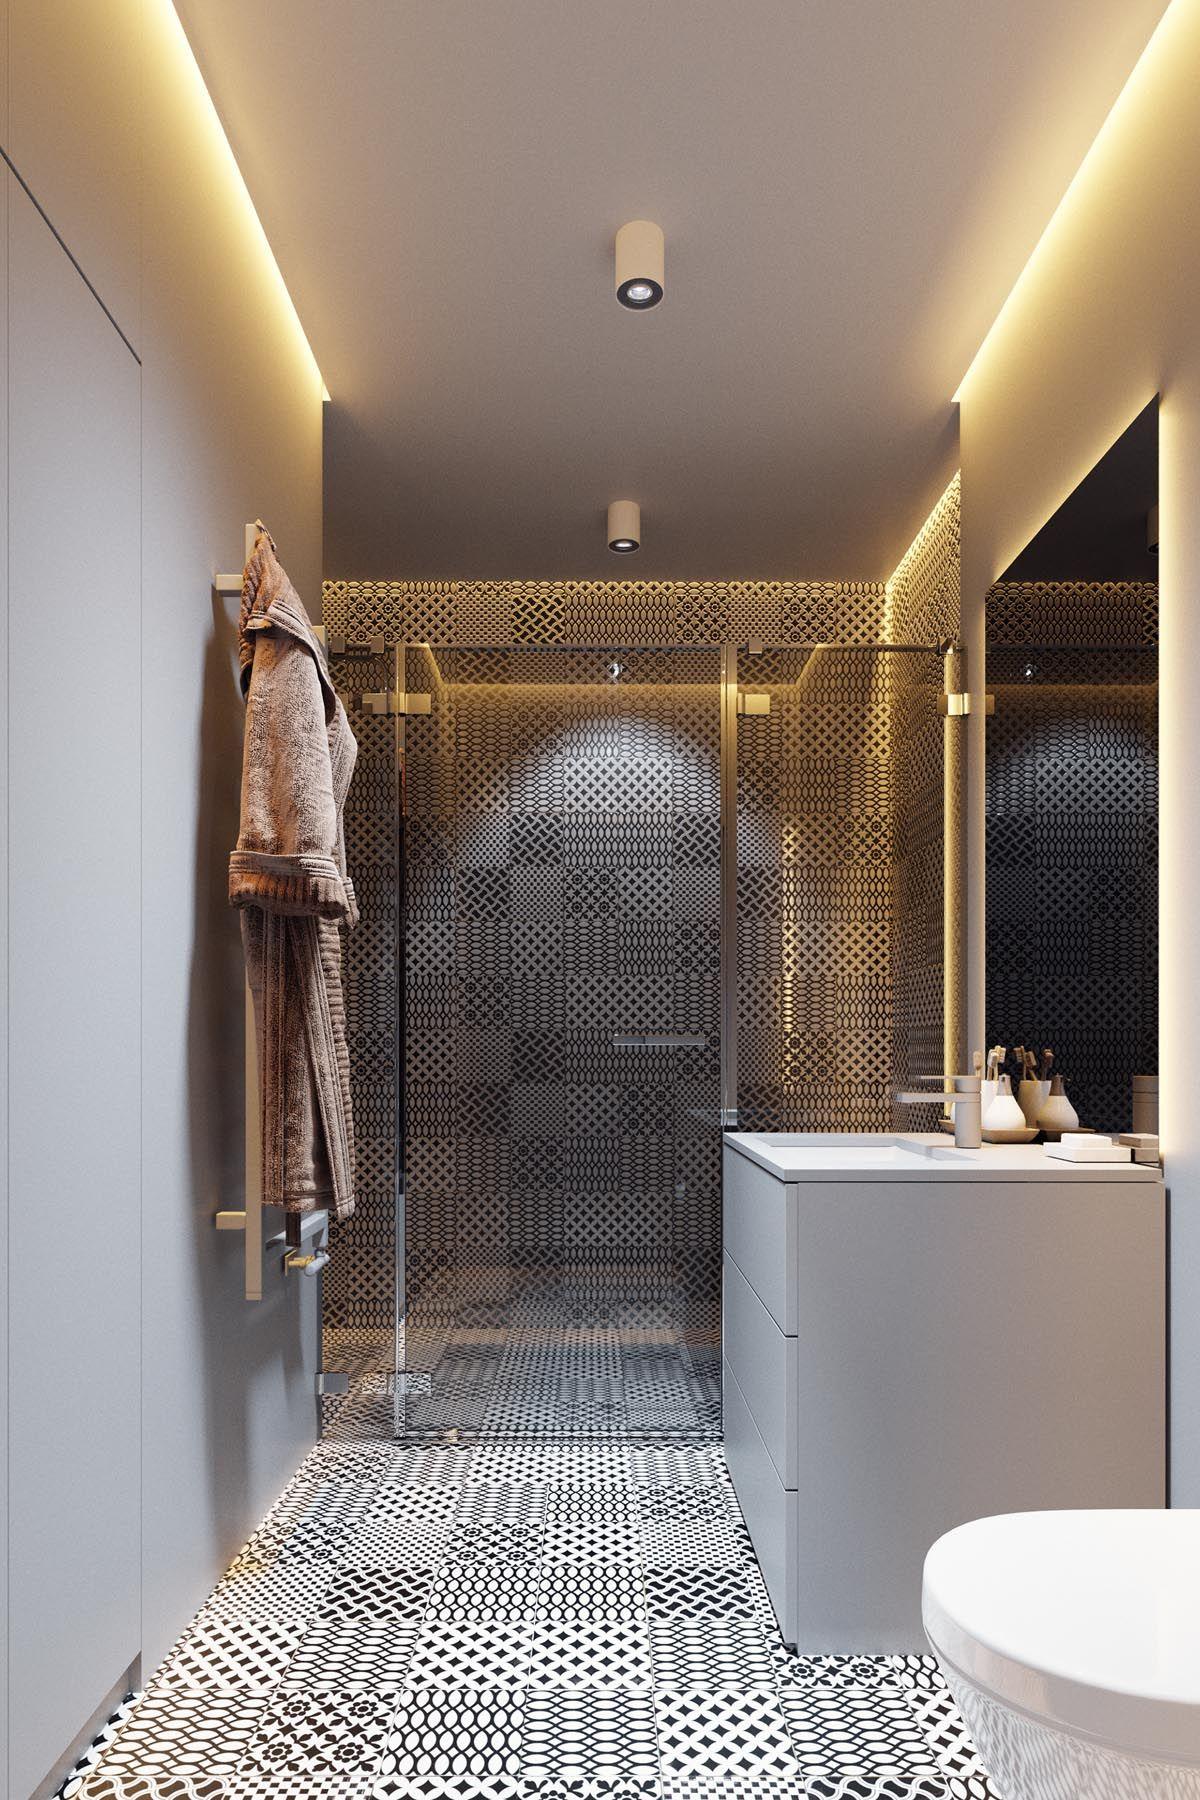 Badezimmer fliesen design von kajaria dark grey home decor with warm led lighting  home ideas  pinterest